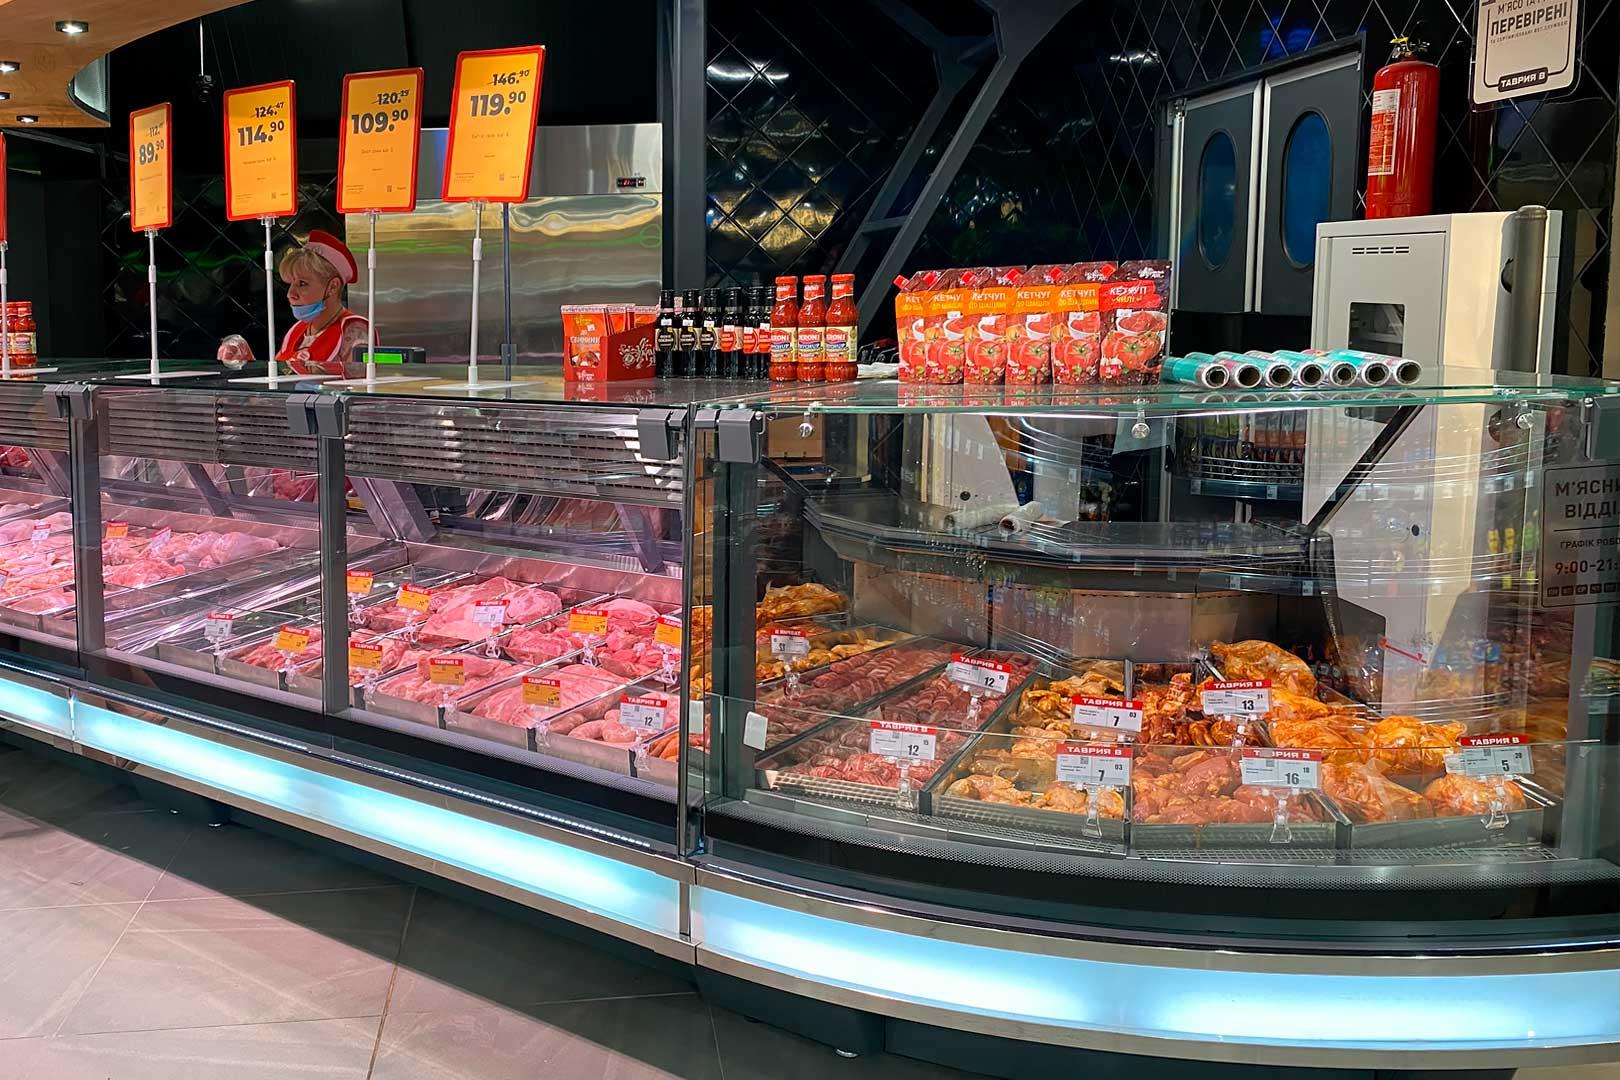 Спеціалізовані вітрини для продажу м'яса Missouri cold diamond MC 115 meat PS 121-SLM, кутові елементи Missouri cold diamond MC 115 deli PS 121-DLM-ER45